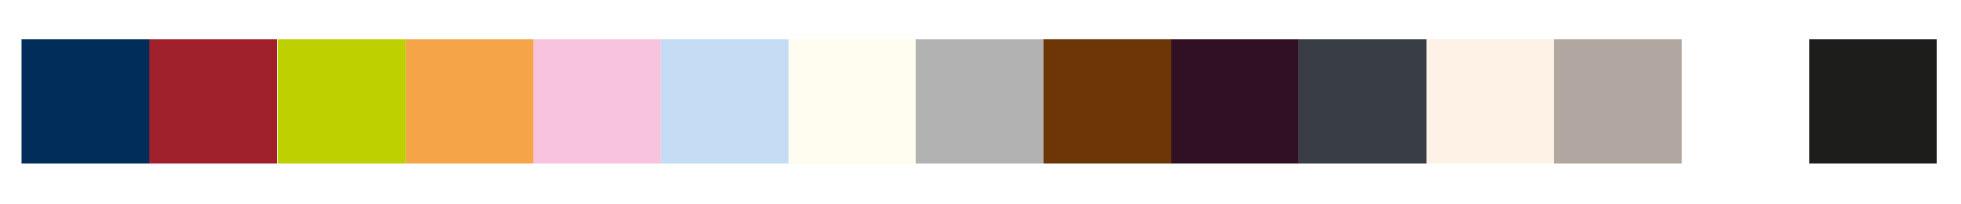 SONNET 2 Colours